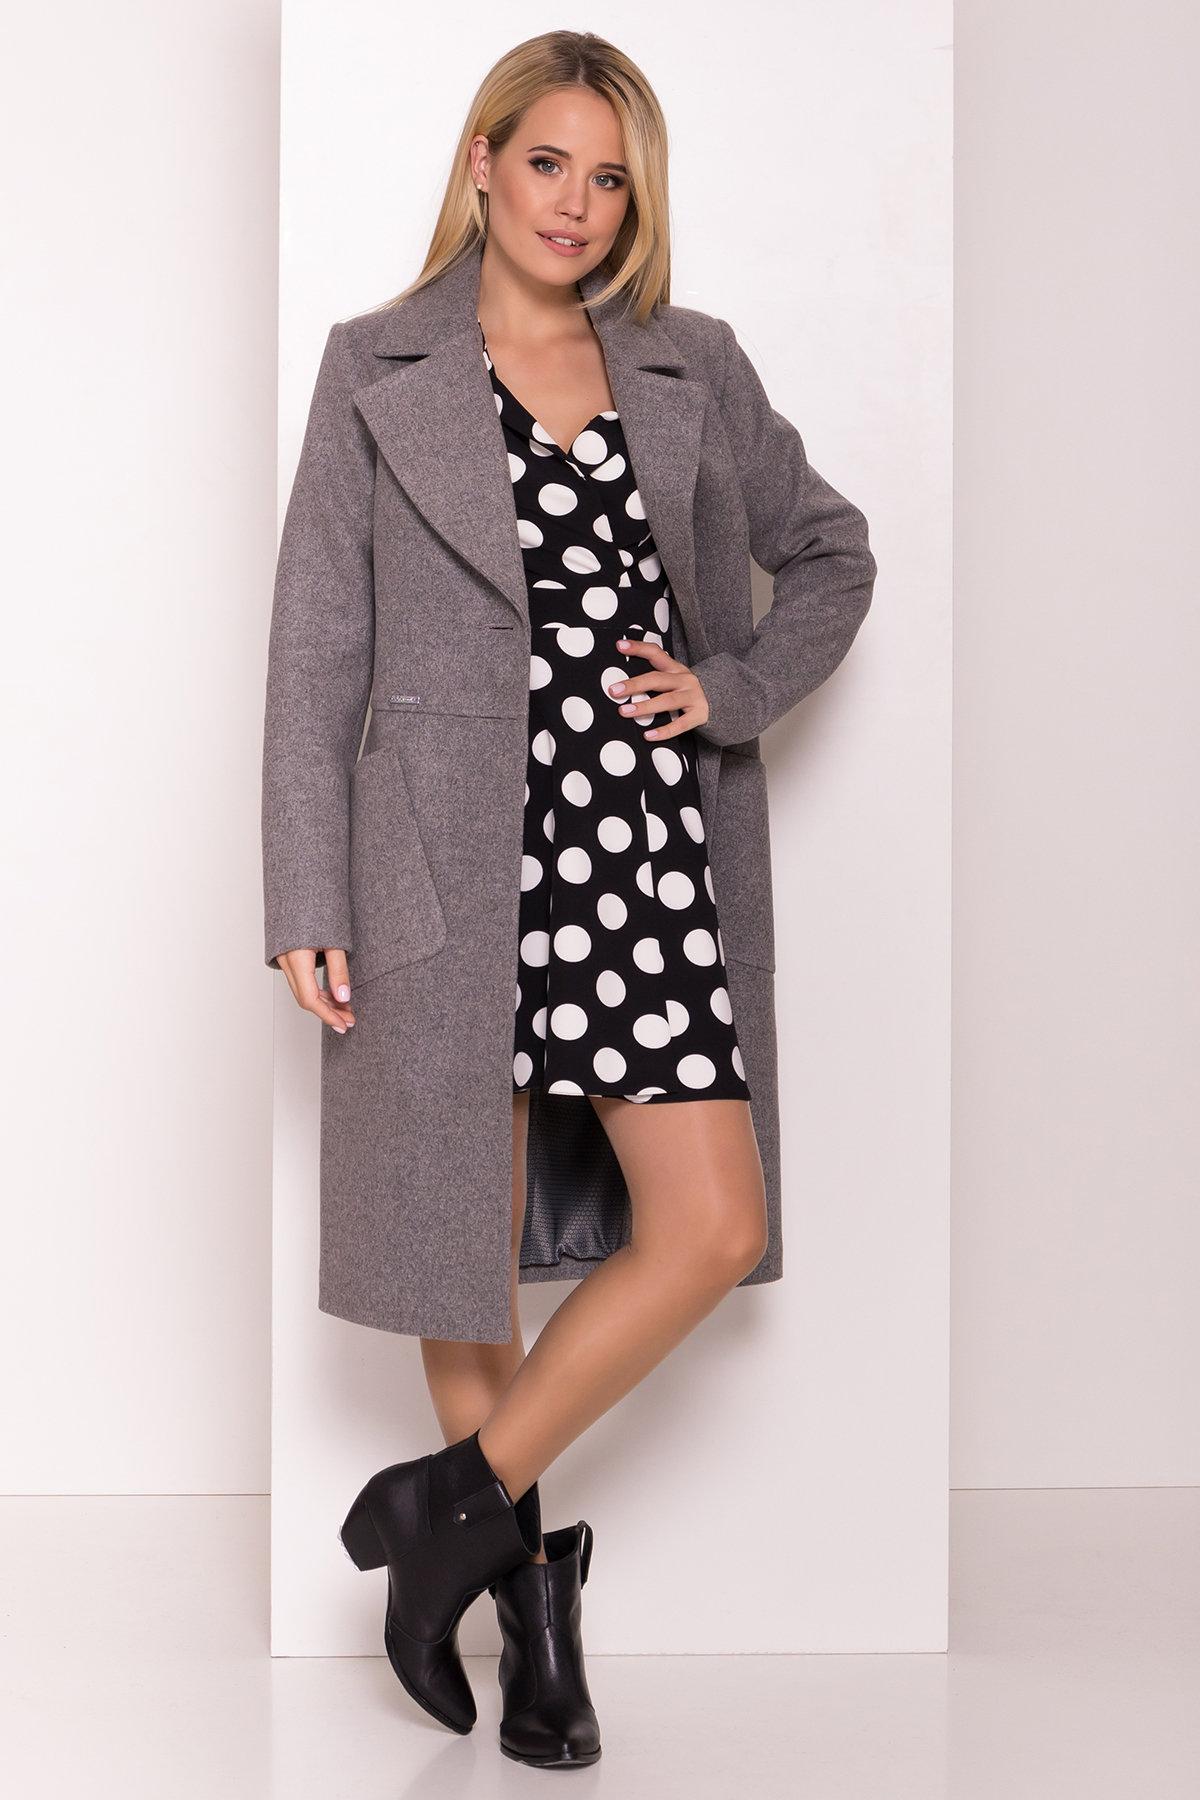 Классическое пальто Габриэлла 7872 АРТ. 43800 Цвет: Карамель 20/1 - фото 3, интернет магазин tm-modus.ru